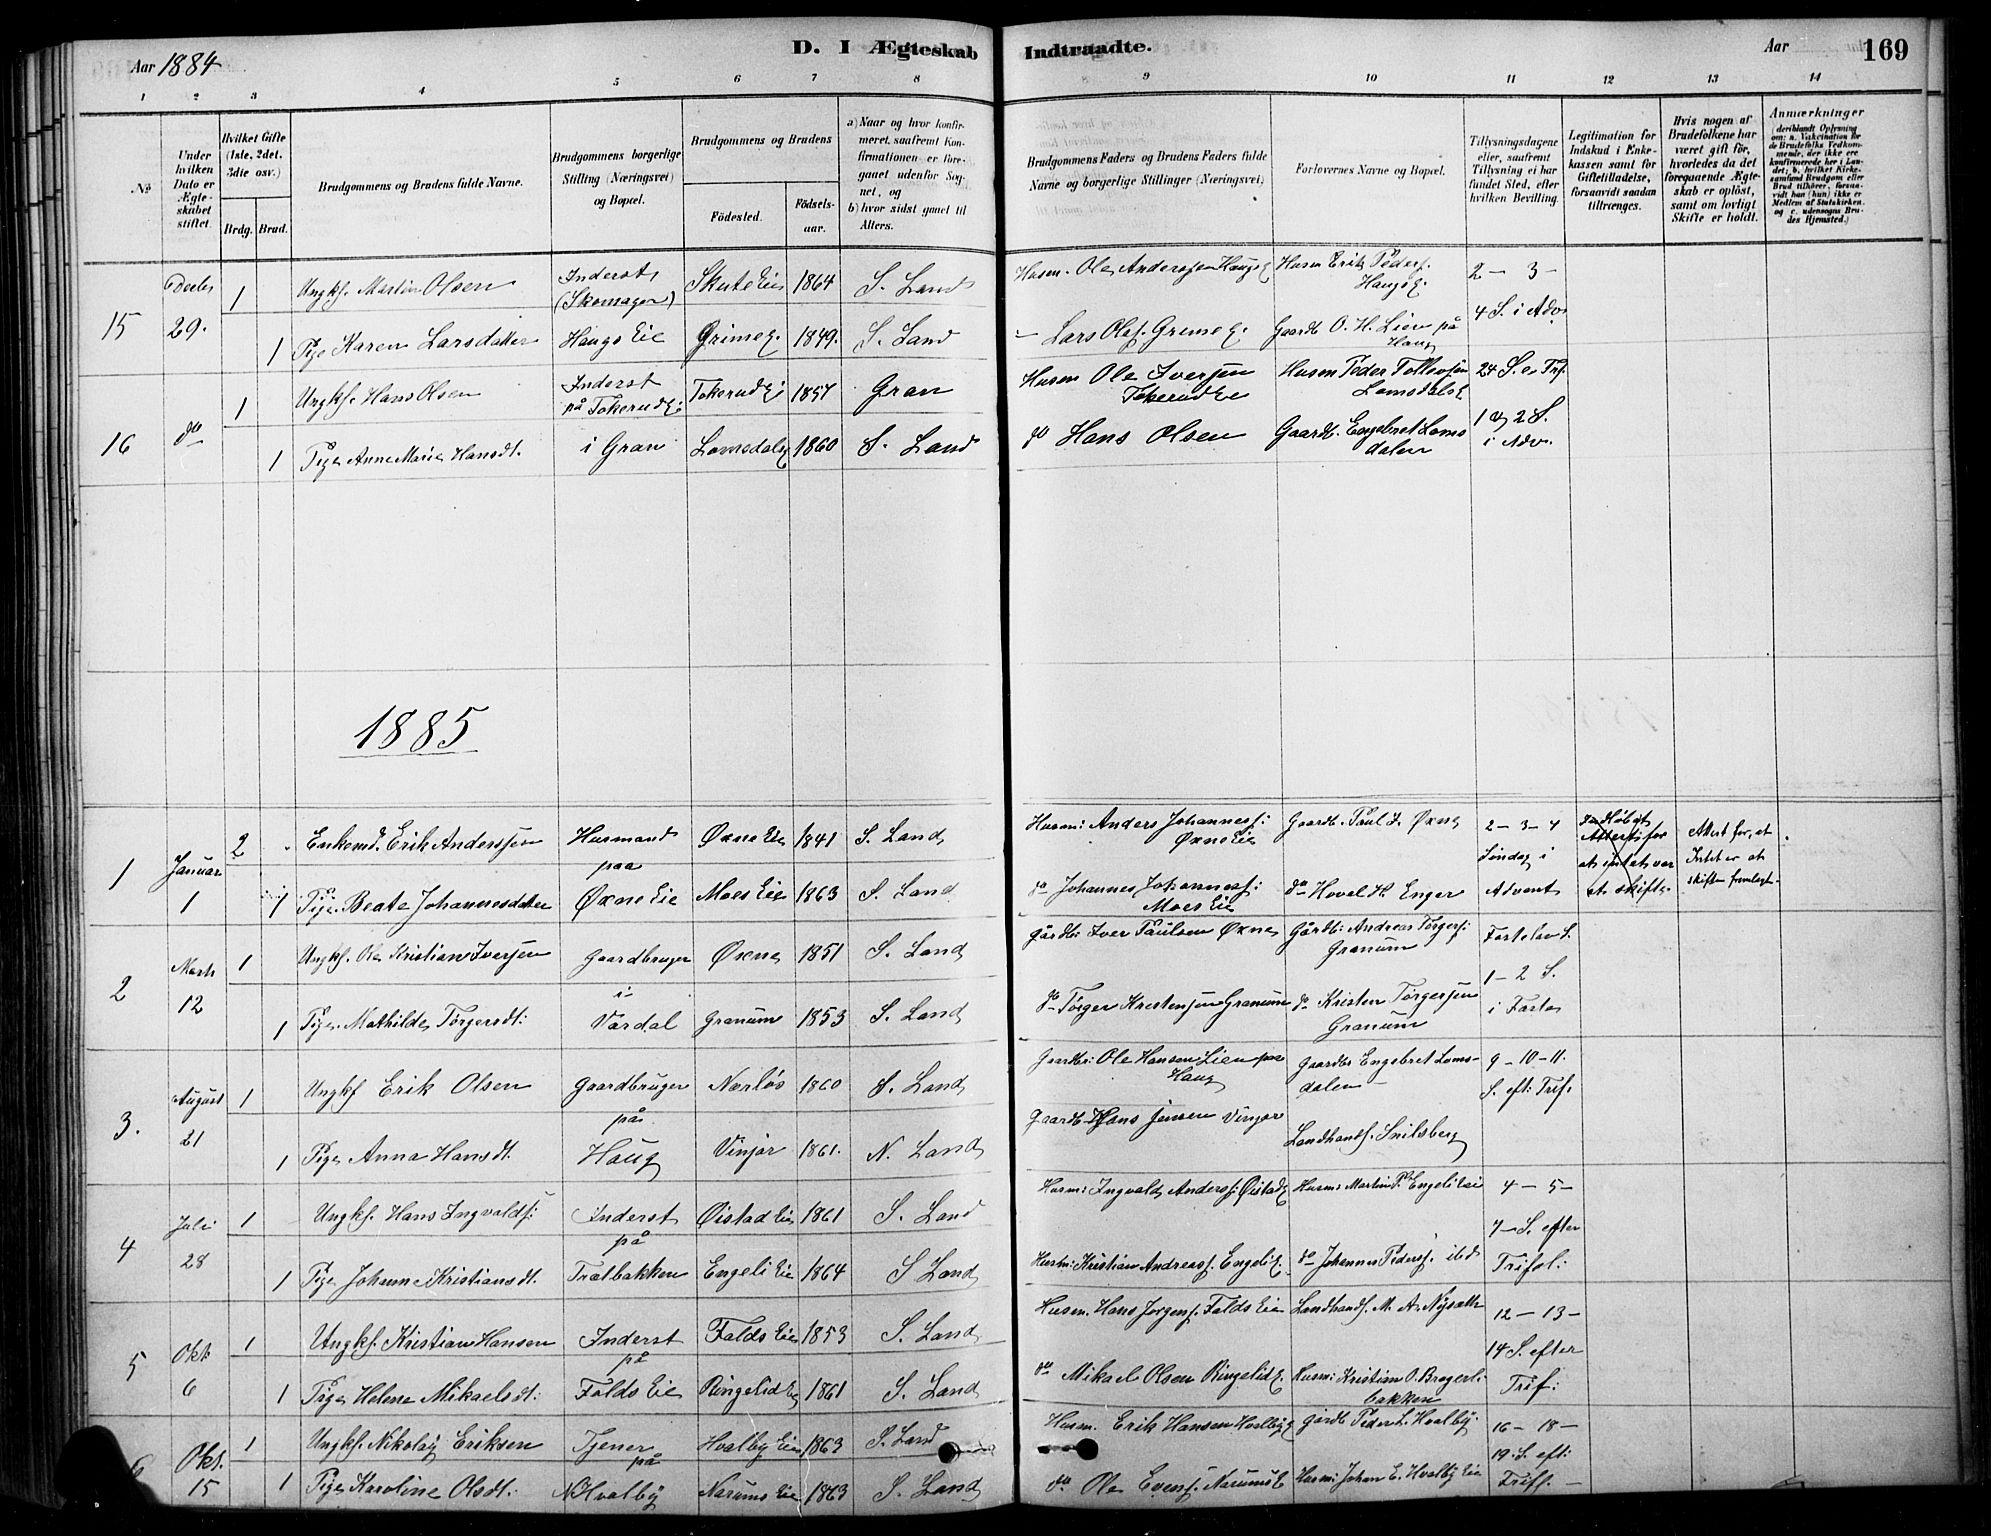 SAH, Søndre Land prestekontor, K/L0003: Ministerialbok nr. 3, 1878-1894, s. 169